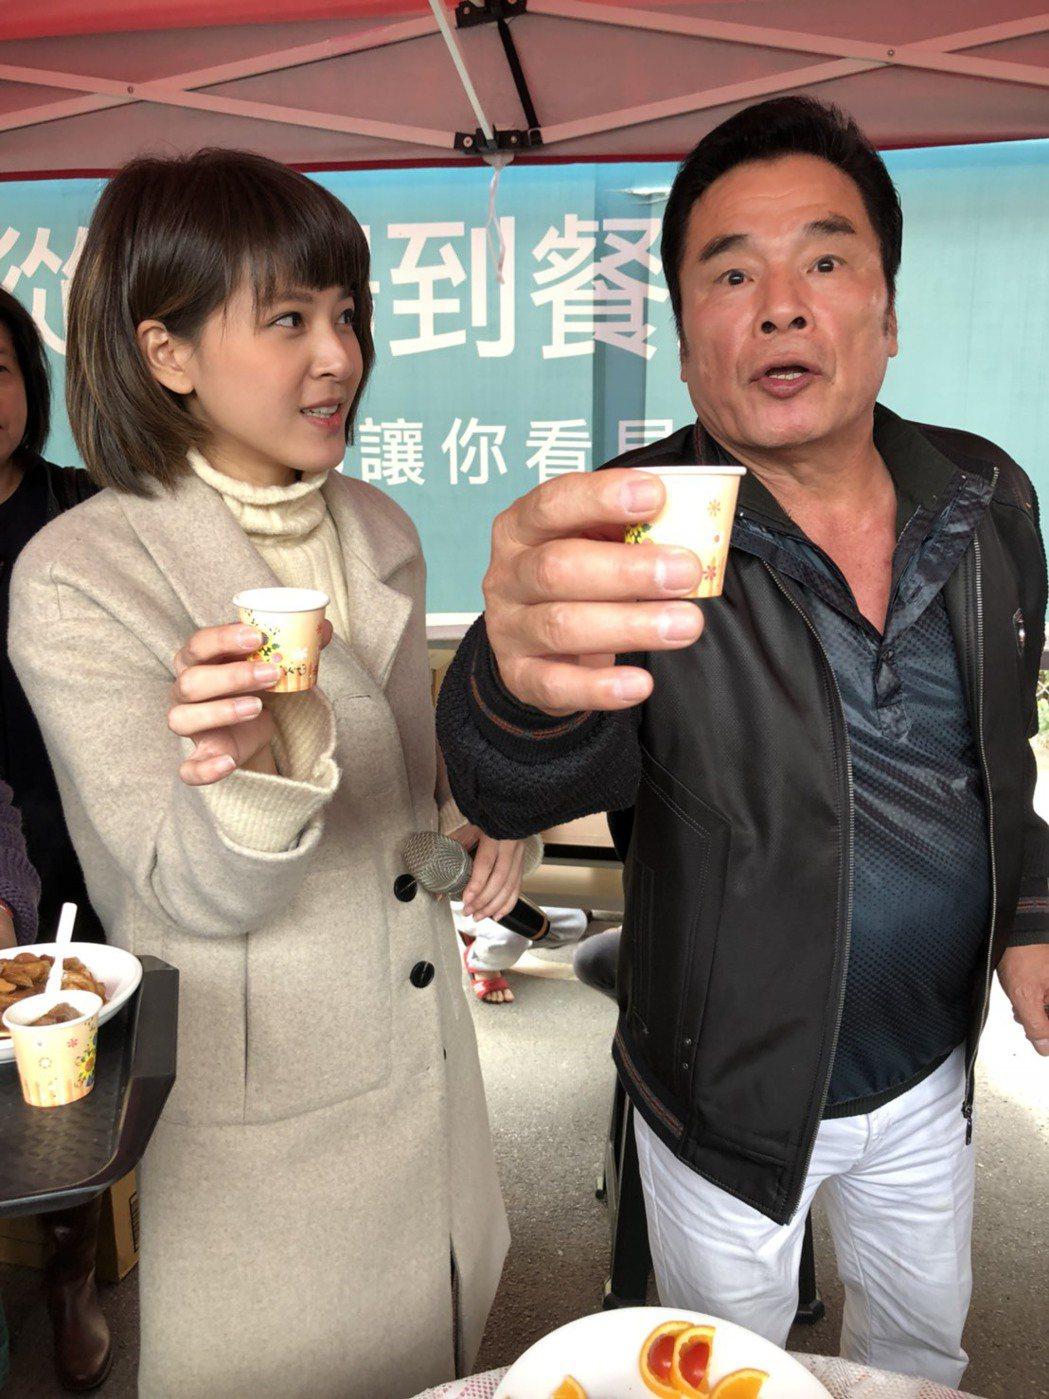 雷洪、蘇晏霈在「幸福來了」演出。圖/民視提供